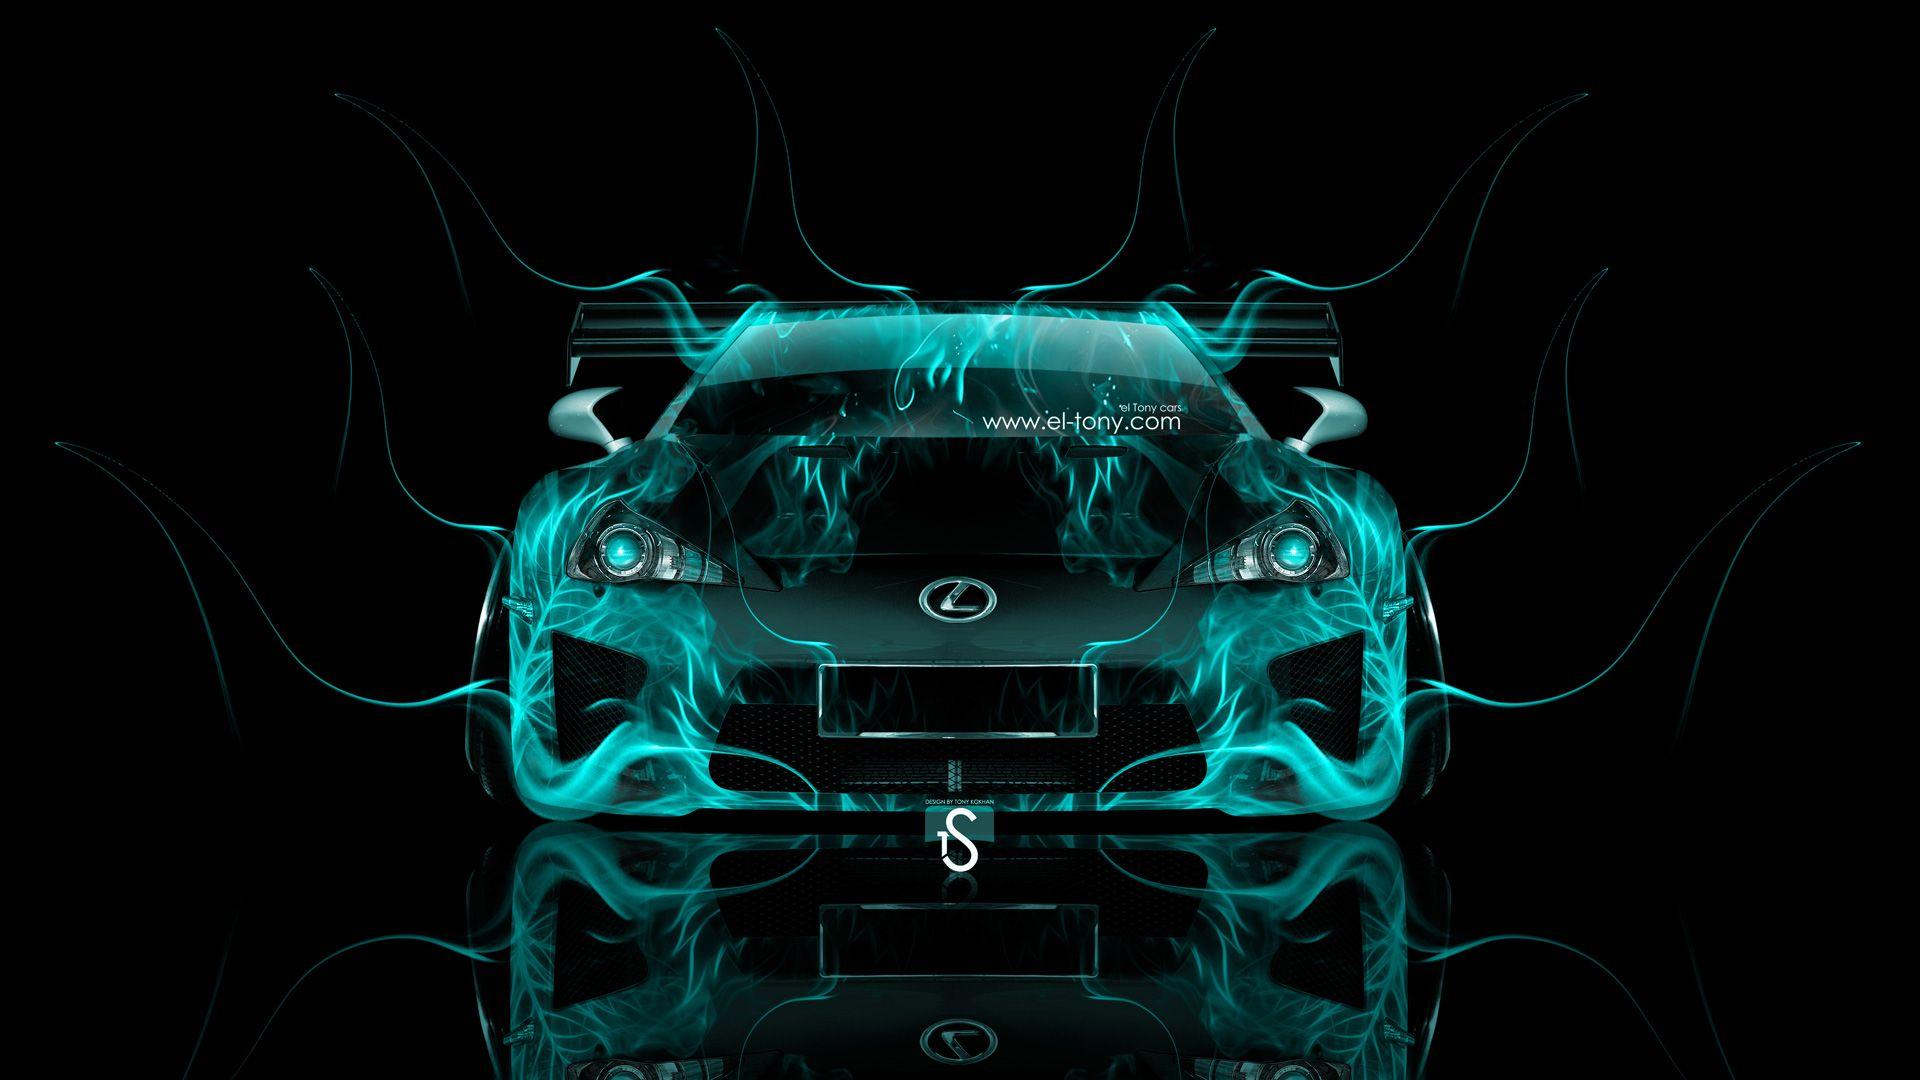 Marvelous Bildergebnis Für Lexus Lfa Tuning Wallpaper